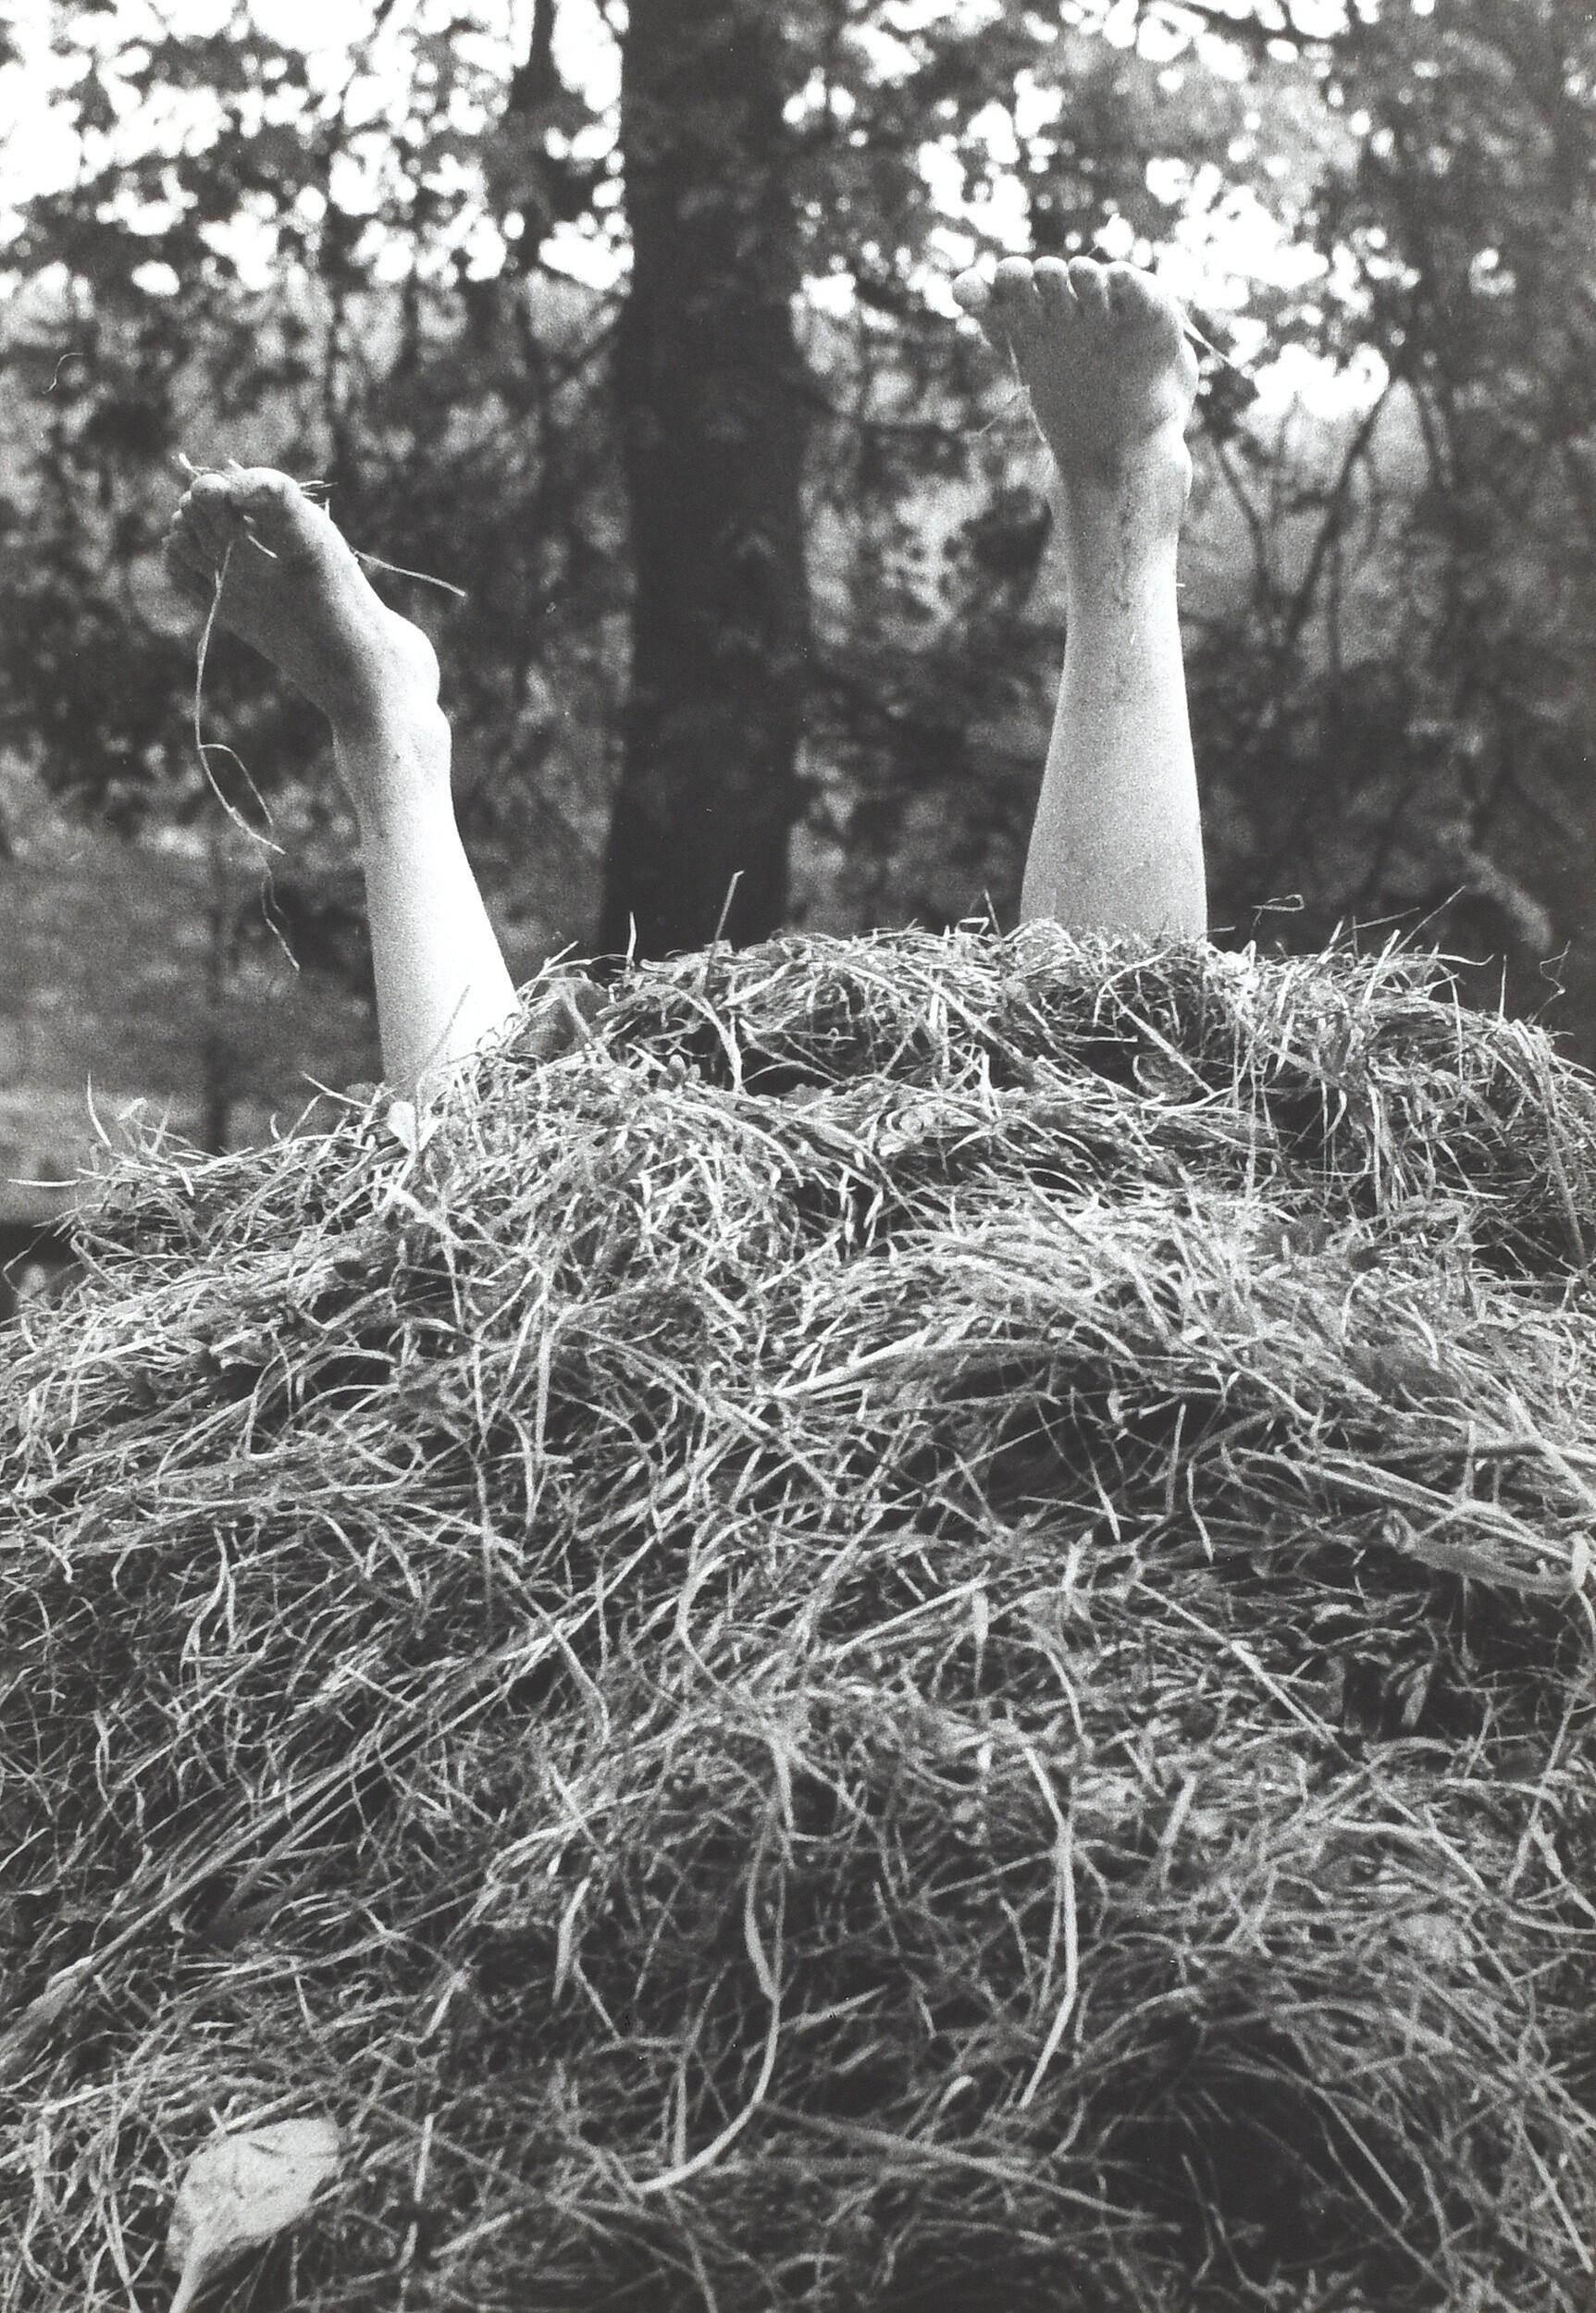 Из цикла «Летние люди», 1980. Фотограф Франтишек Досталь